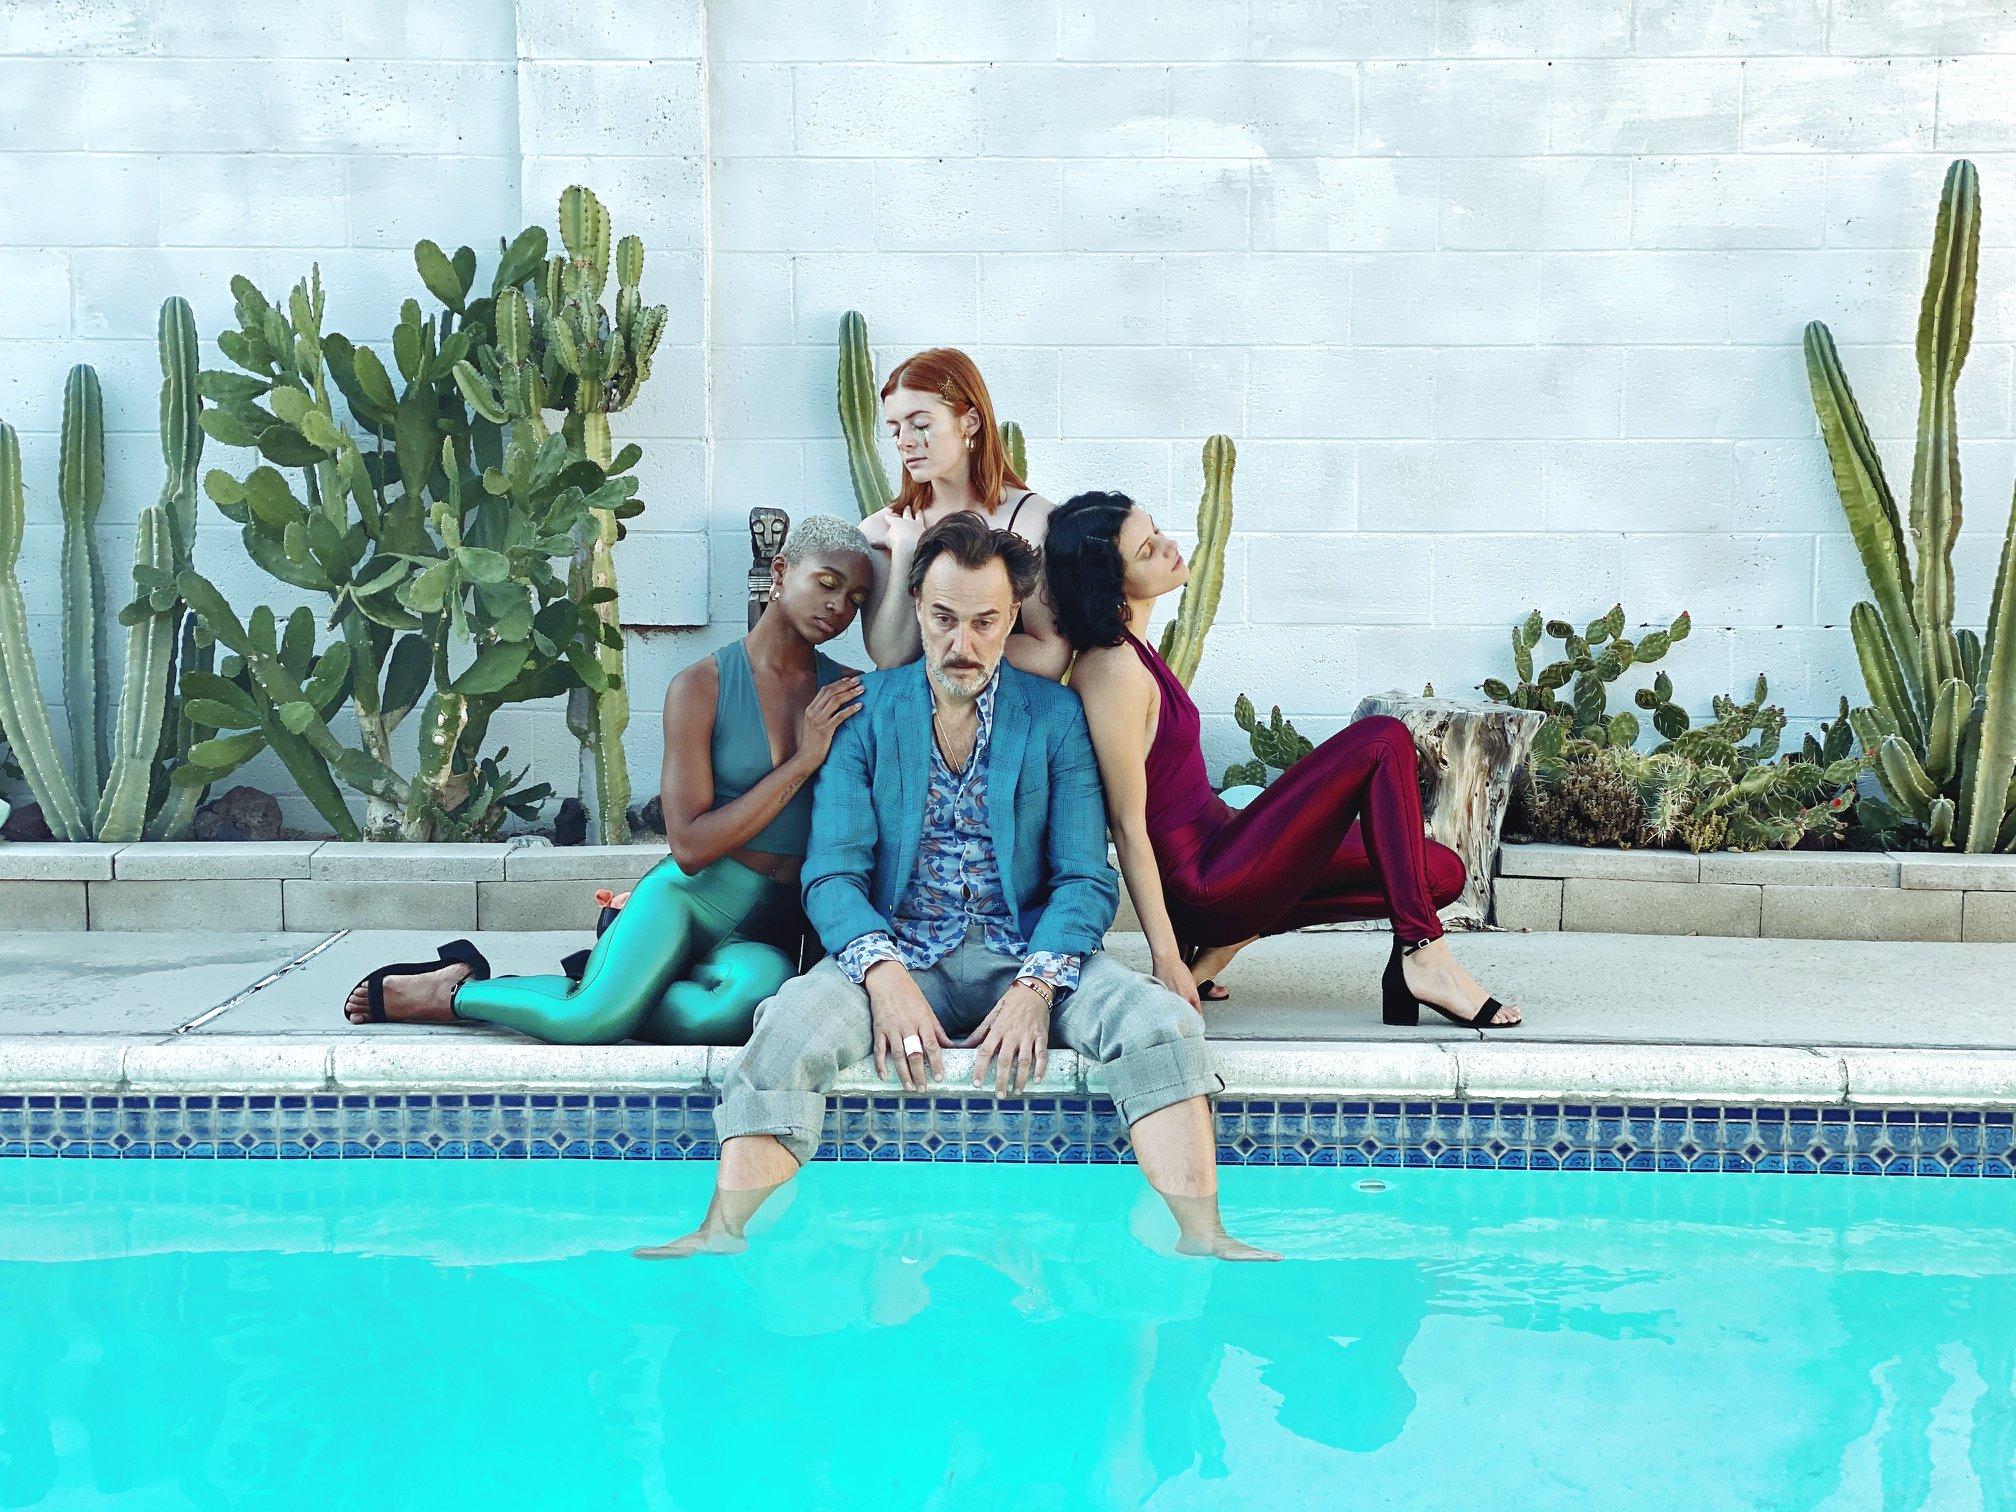 Carlos Leal kehrt zurück mit neuem Style